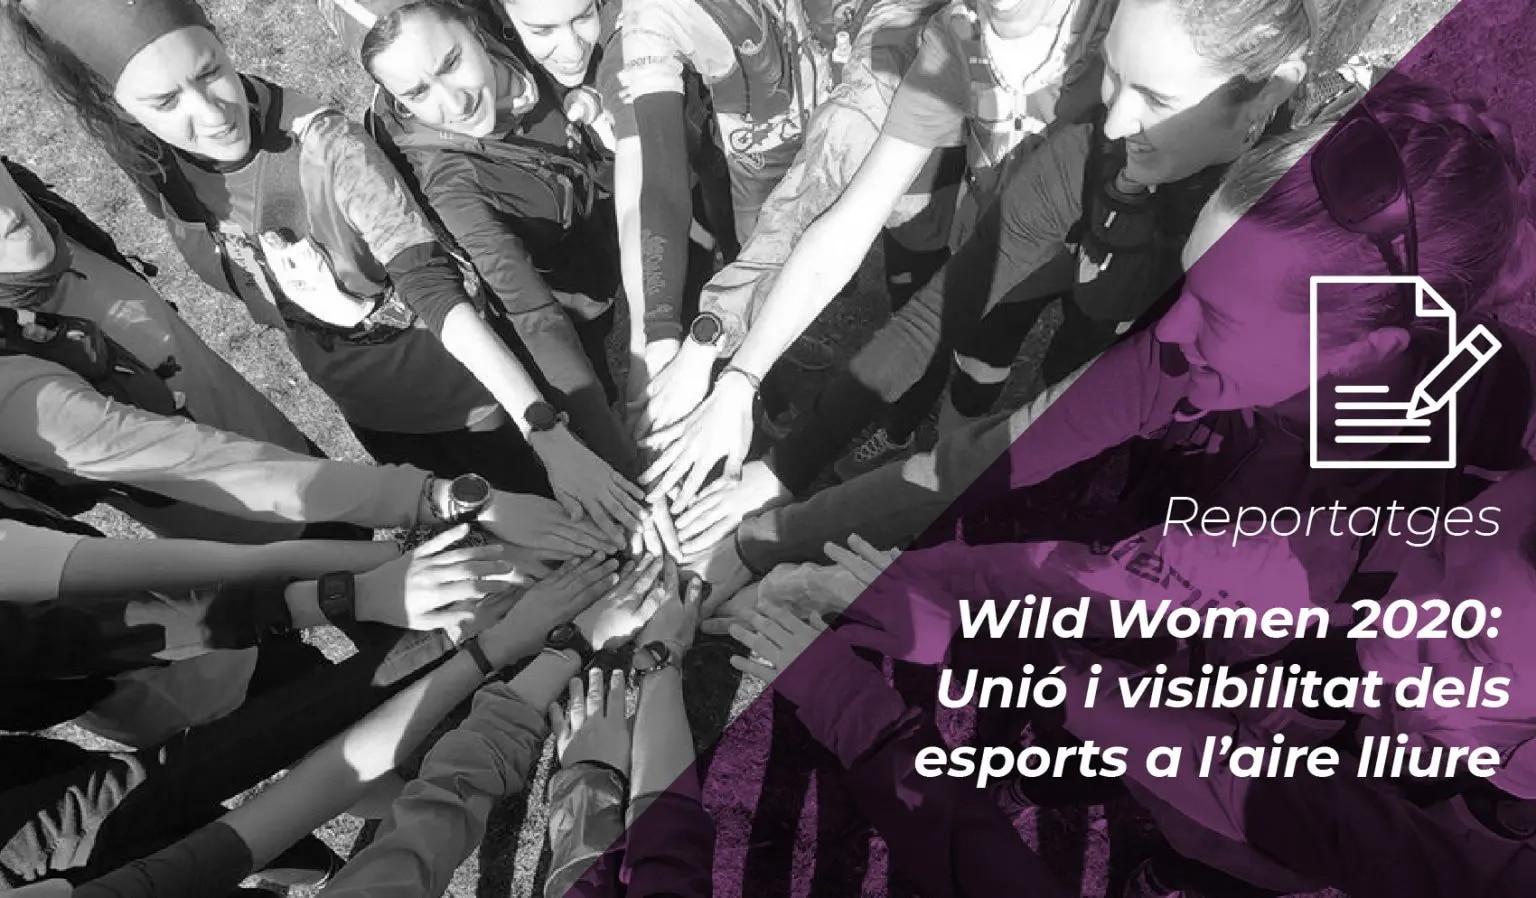 Wild Women 2020: unió i visibilitat dels esports a l'aire lliure 1